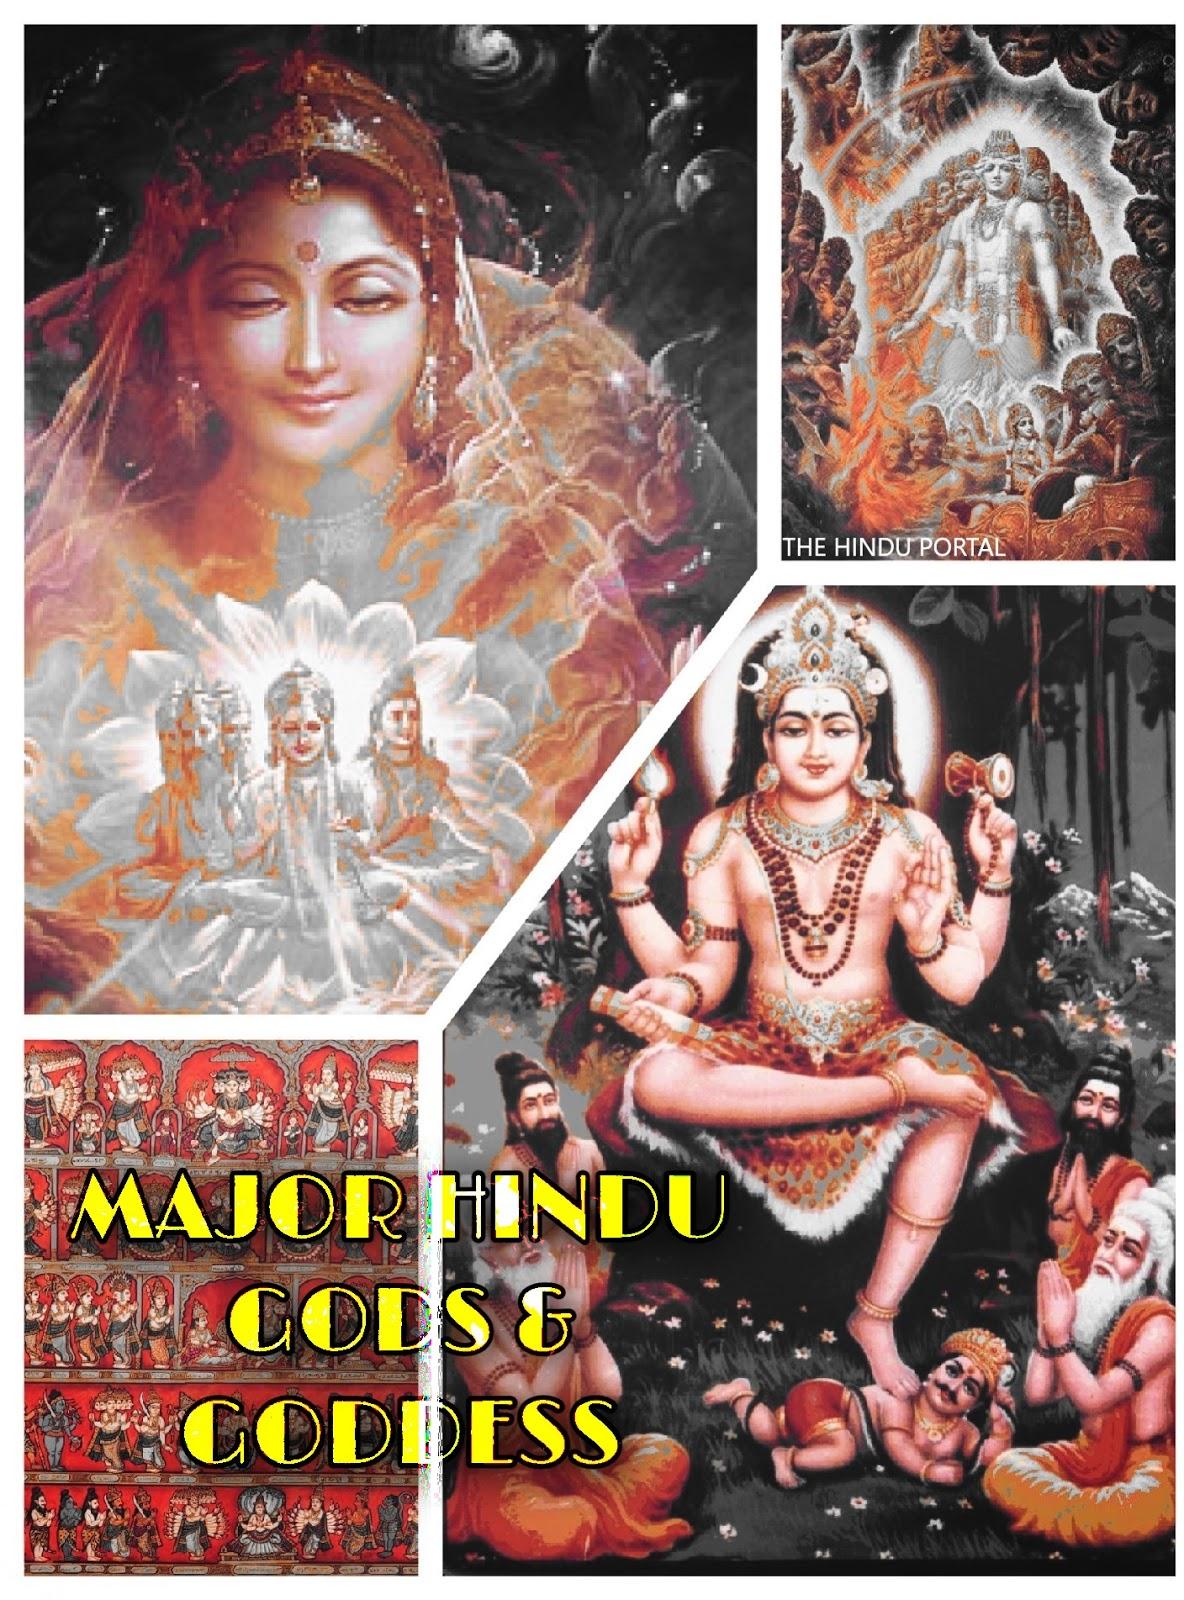 Hindu Gods & Goddesses